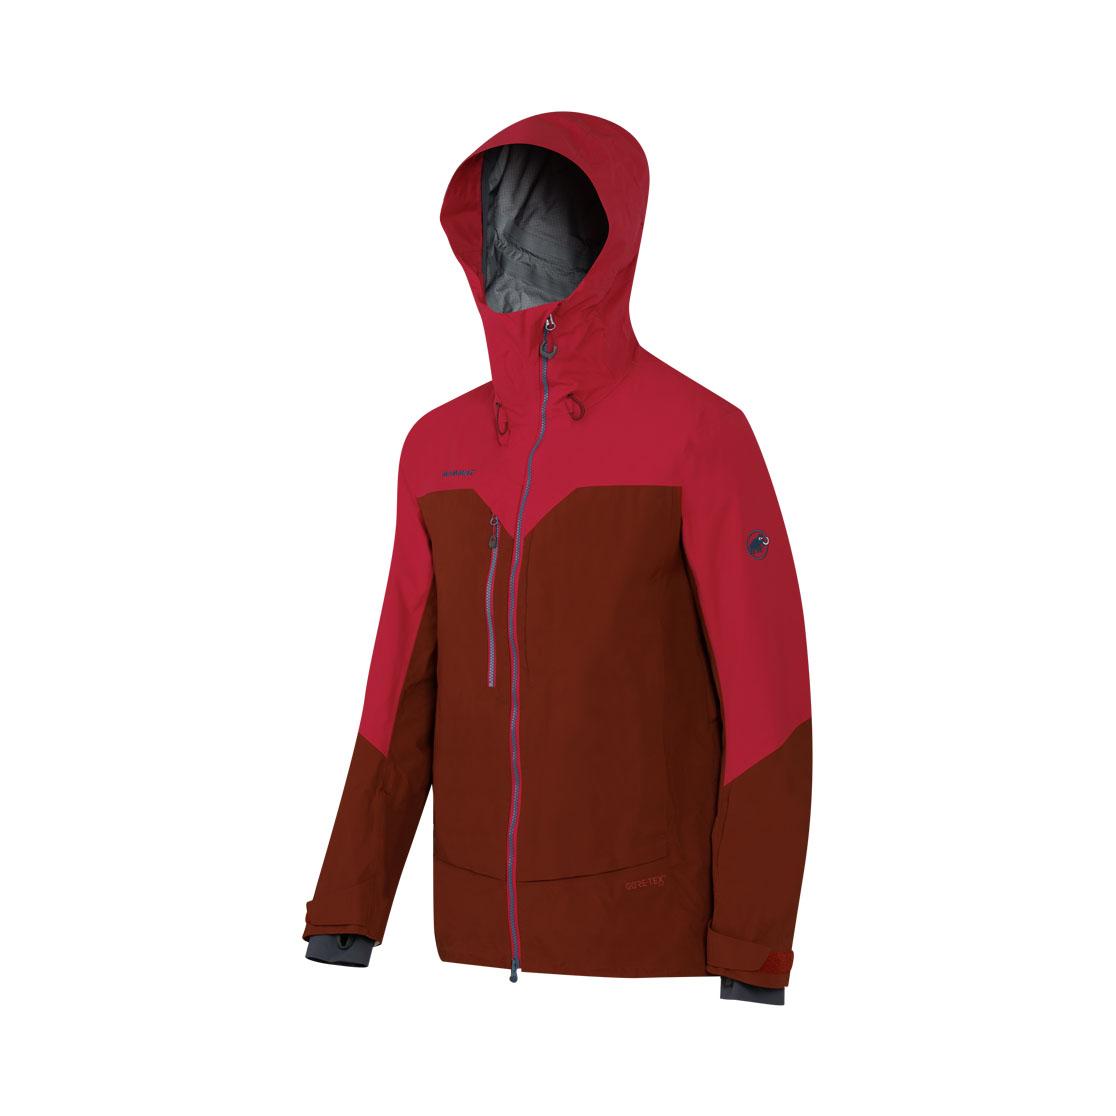 Mammut: Alyeska Pro HS Jacket Men 17/18